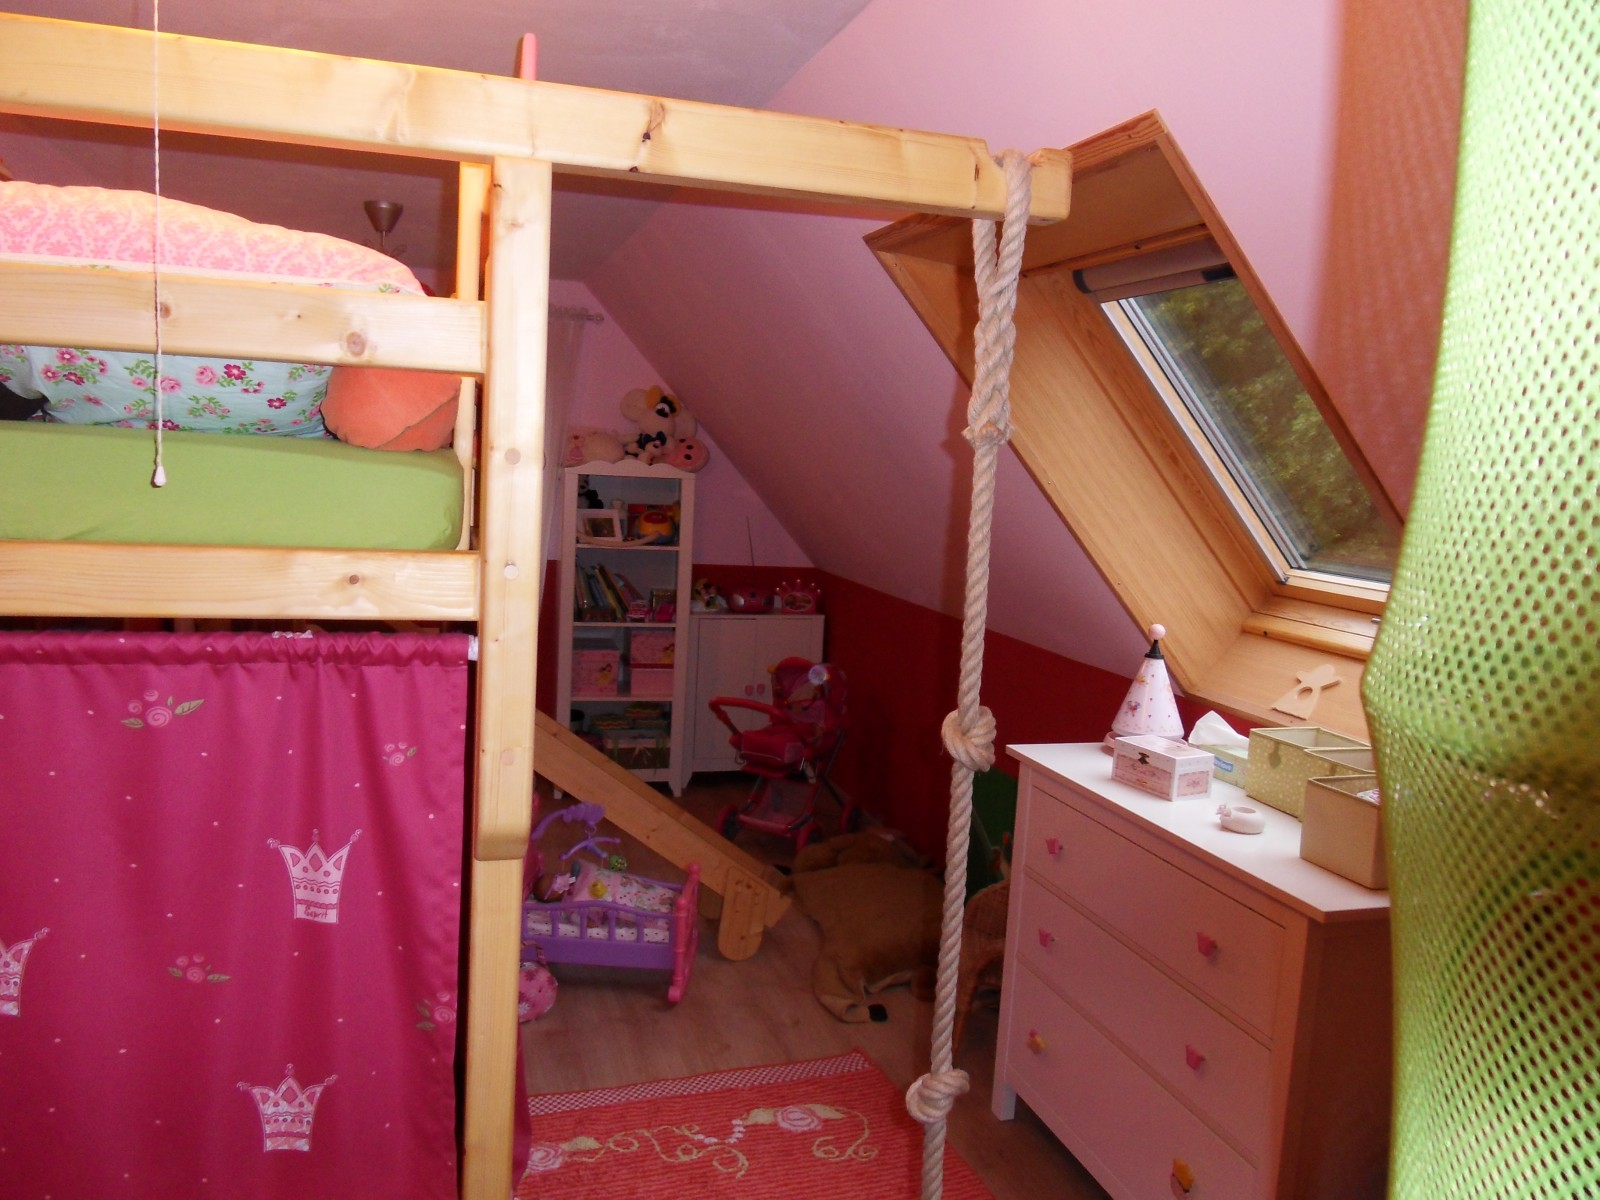 Full Size of Kinderzimmer Prinzessin Unser Haus Von Msmudia 2693 Zimmerschau Regale Regal Weiß Prinzessinen Bett Sofa Kinderzimmer Kinderzimmer Prinzessin